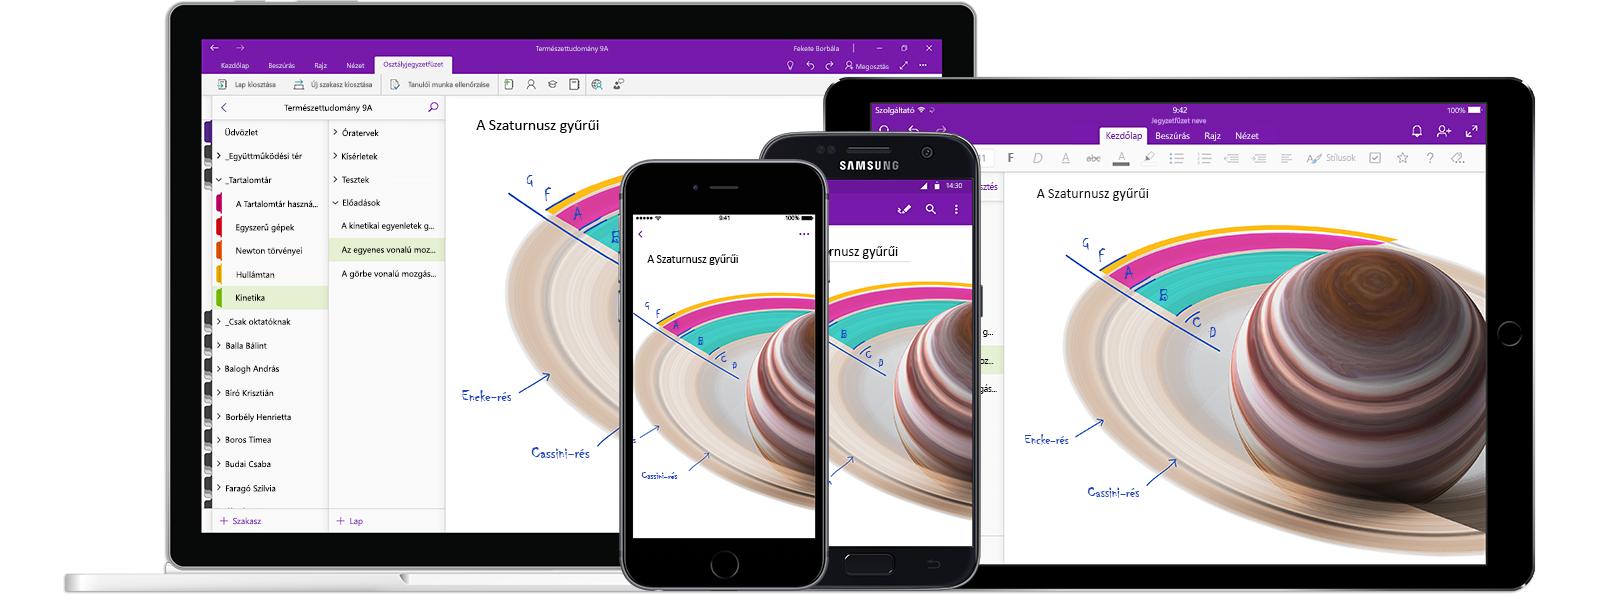 Egy lineáris grafikonokkal foglalkozó leckét megjelenítő tudományos OneNote-jegyzetfüzet két okostelefonon és táblagépen